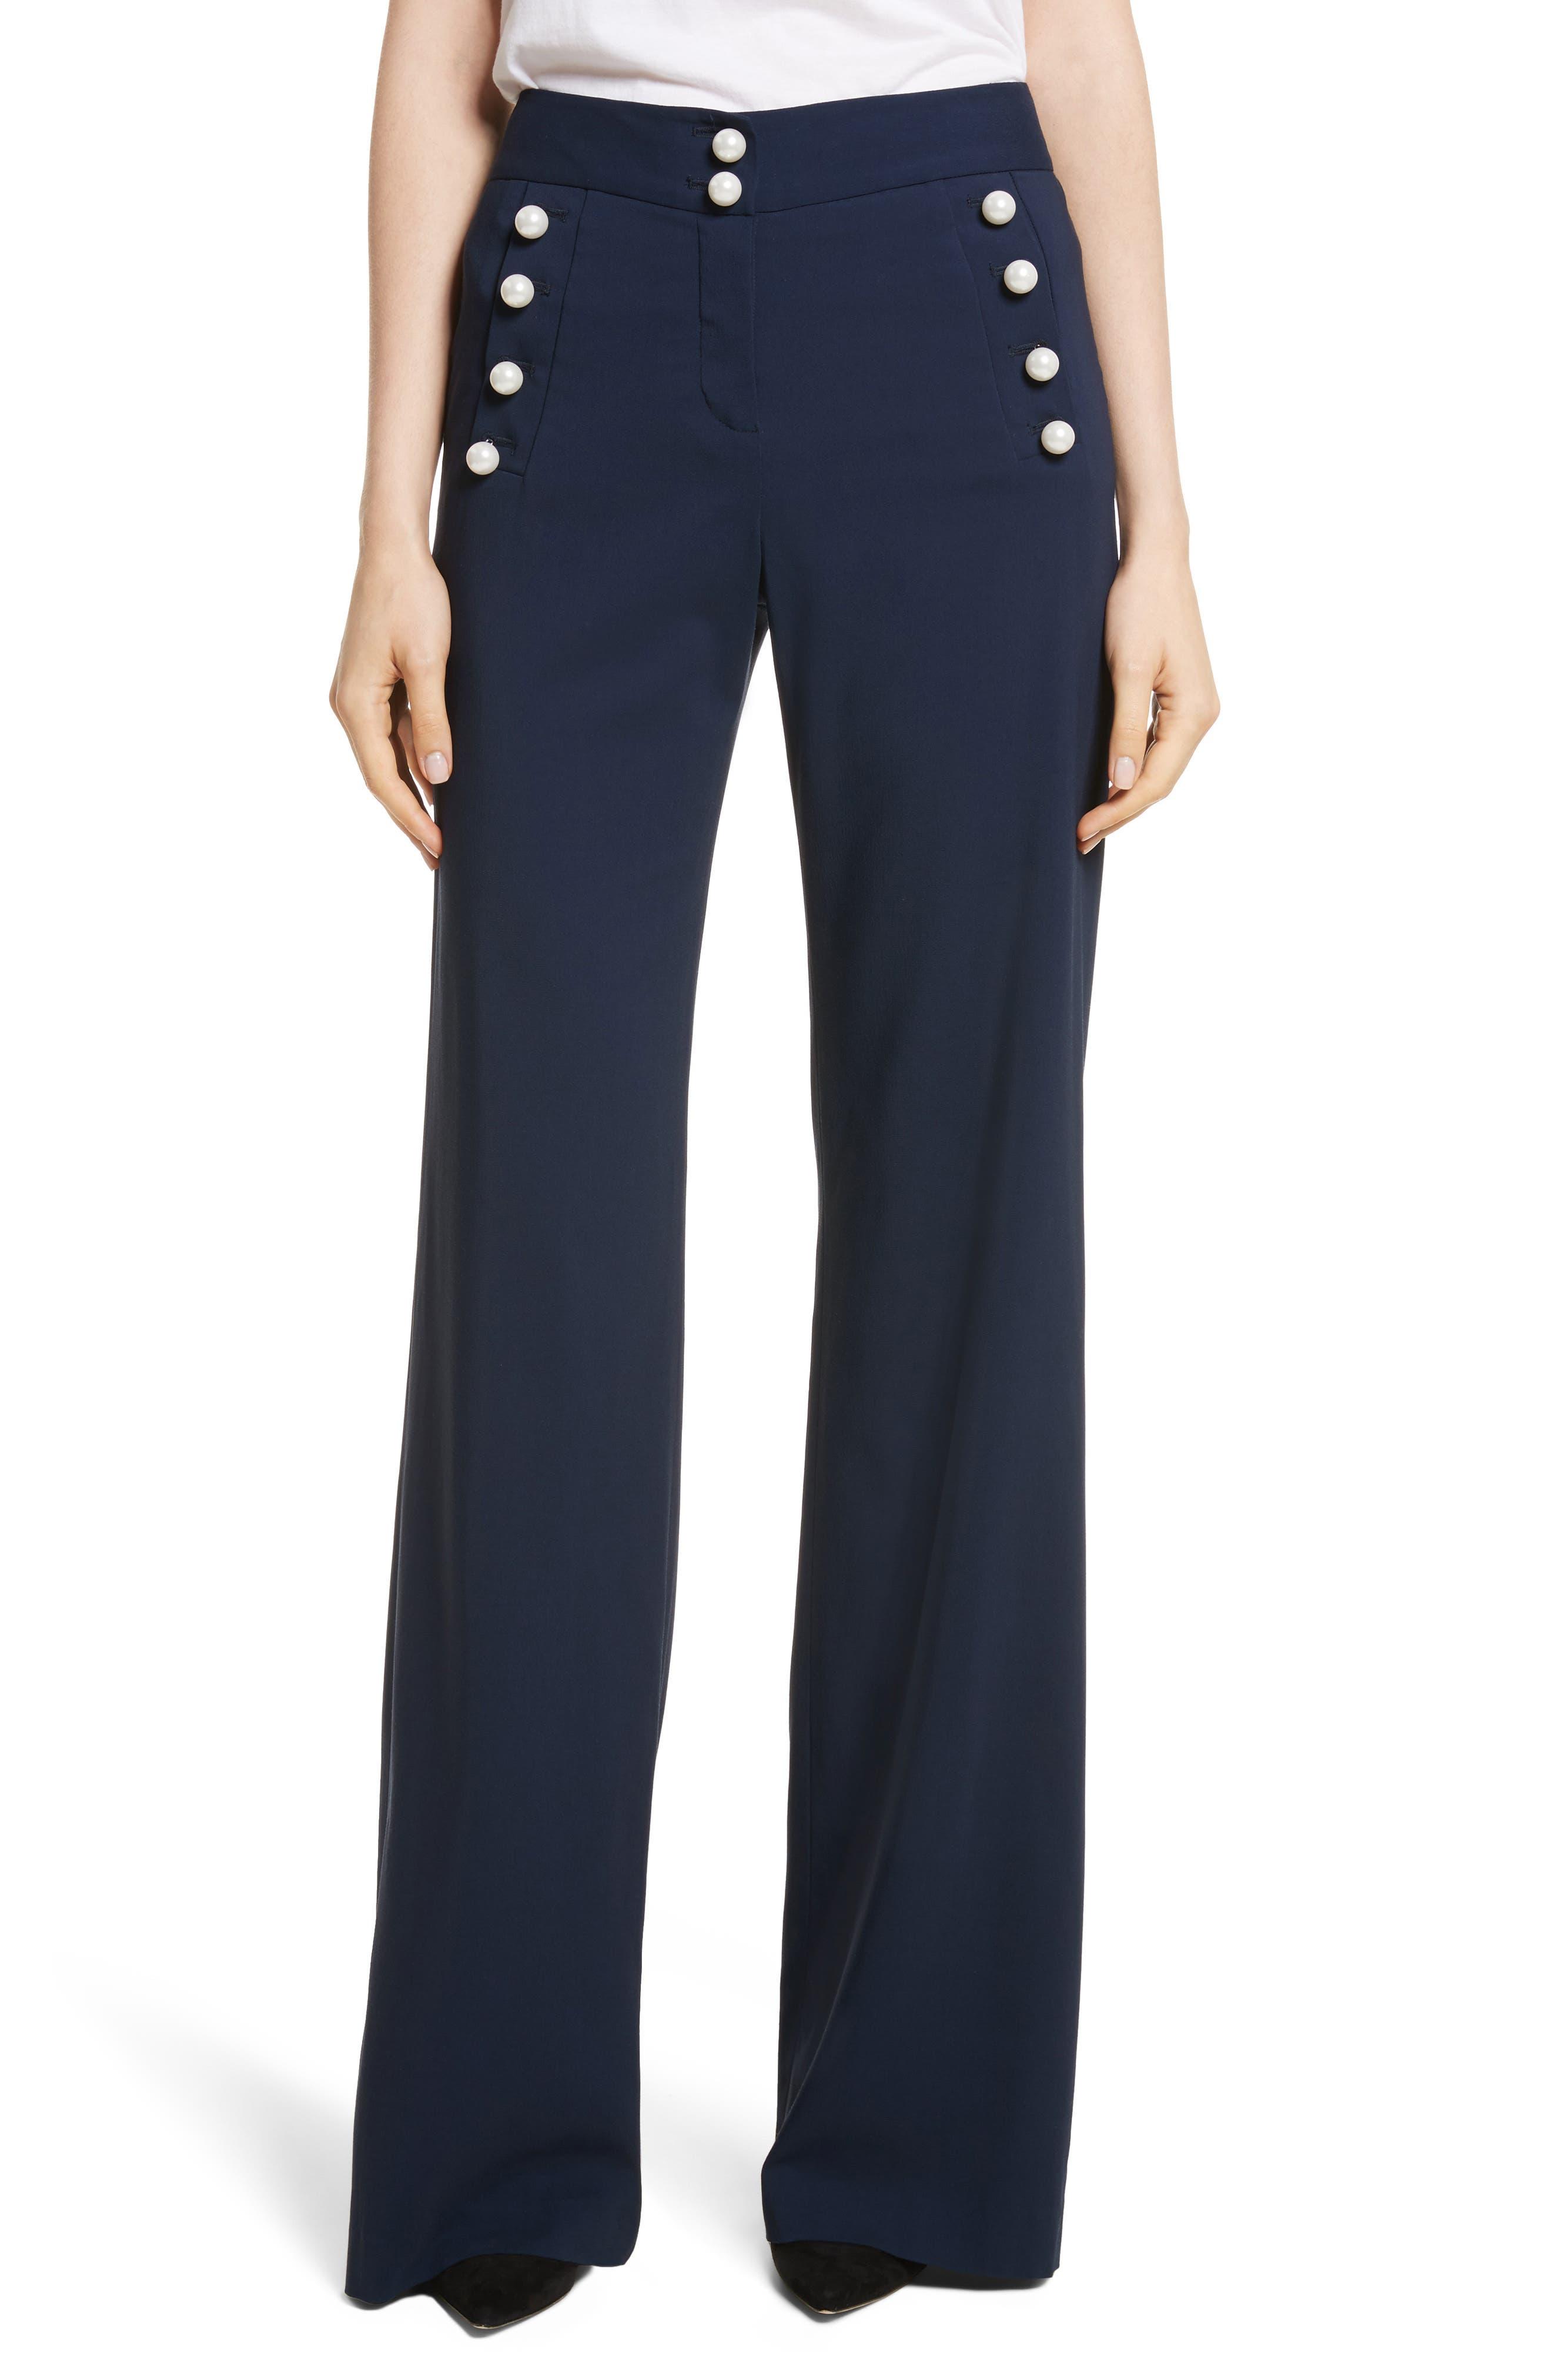 Adley Sailor Pants,                         Main,                         color, Navy